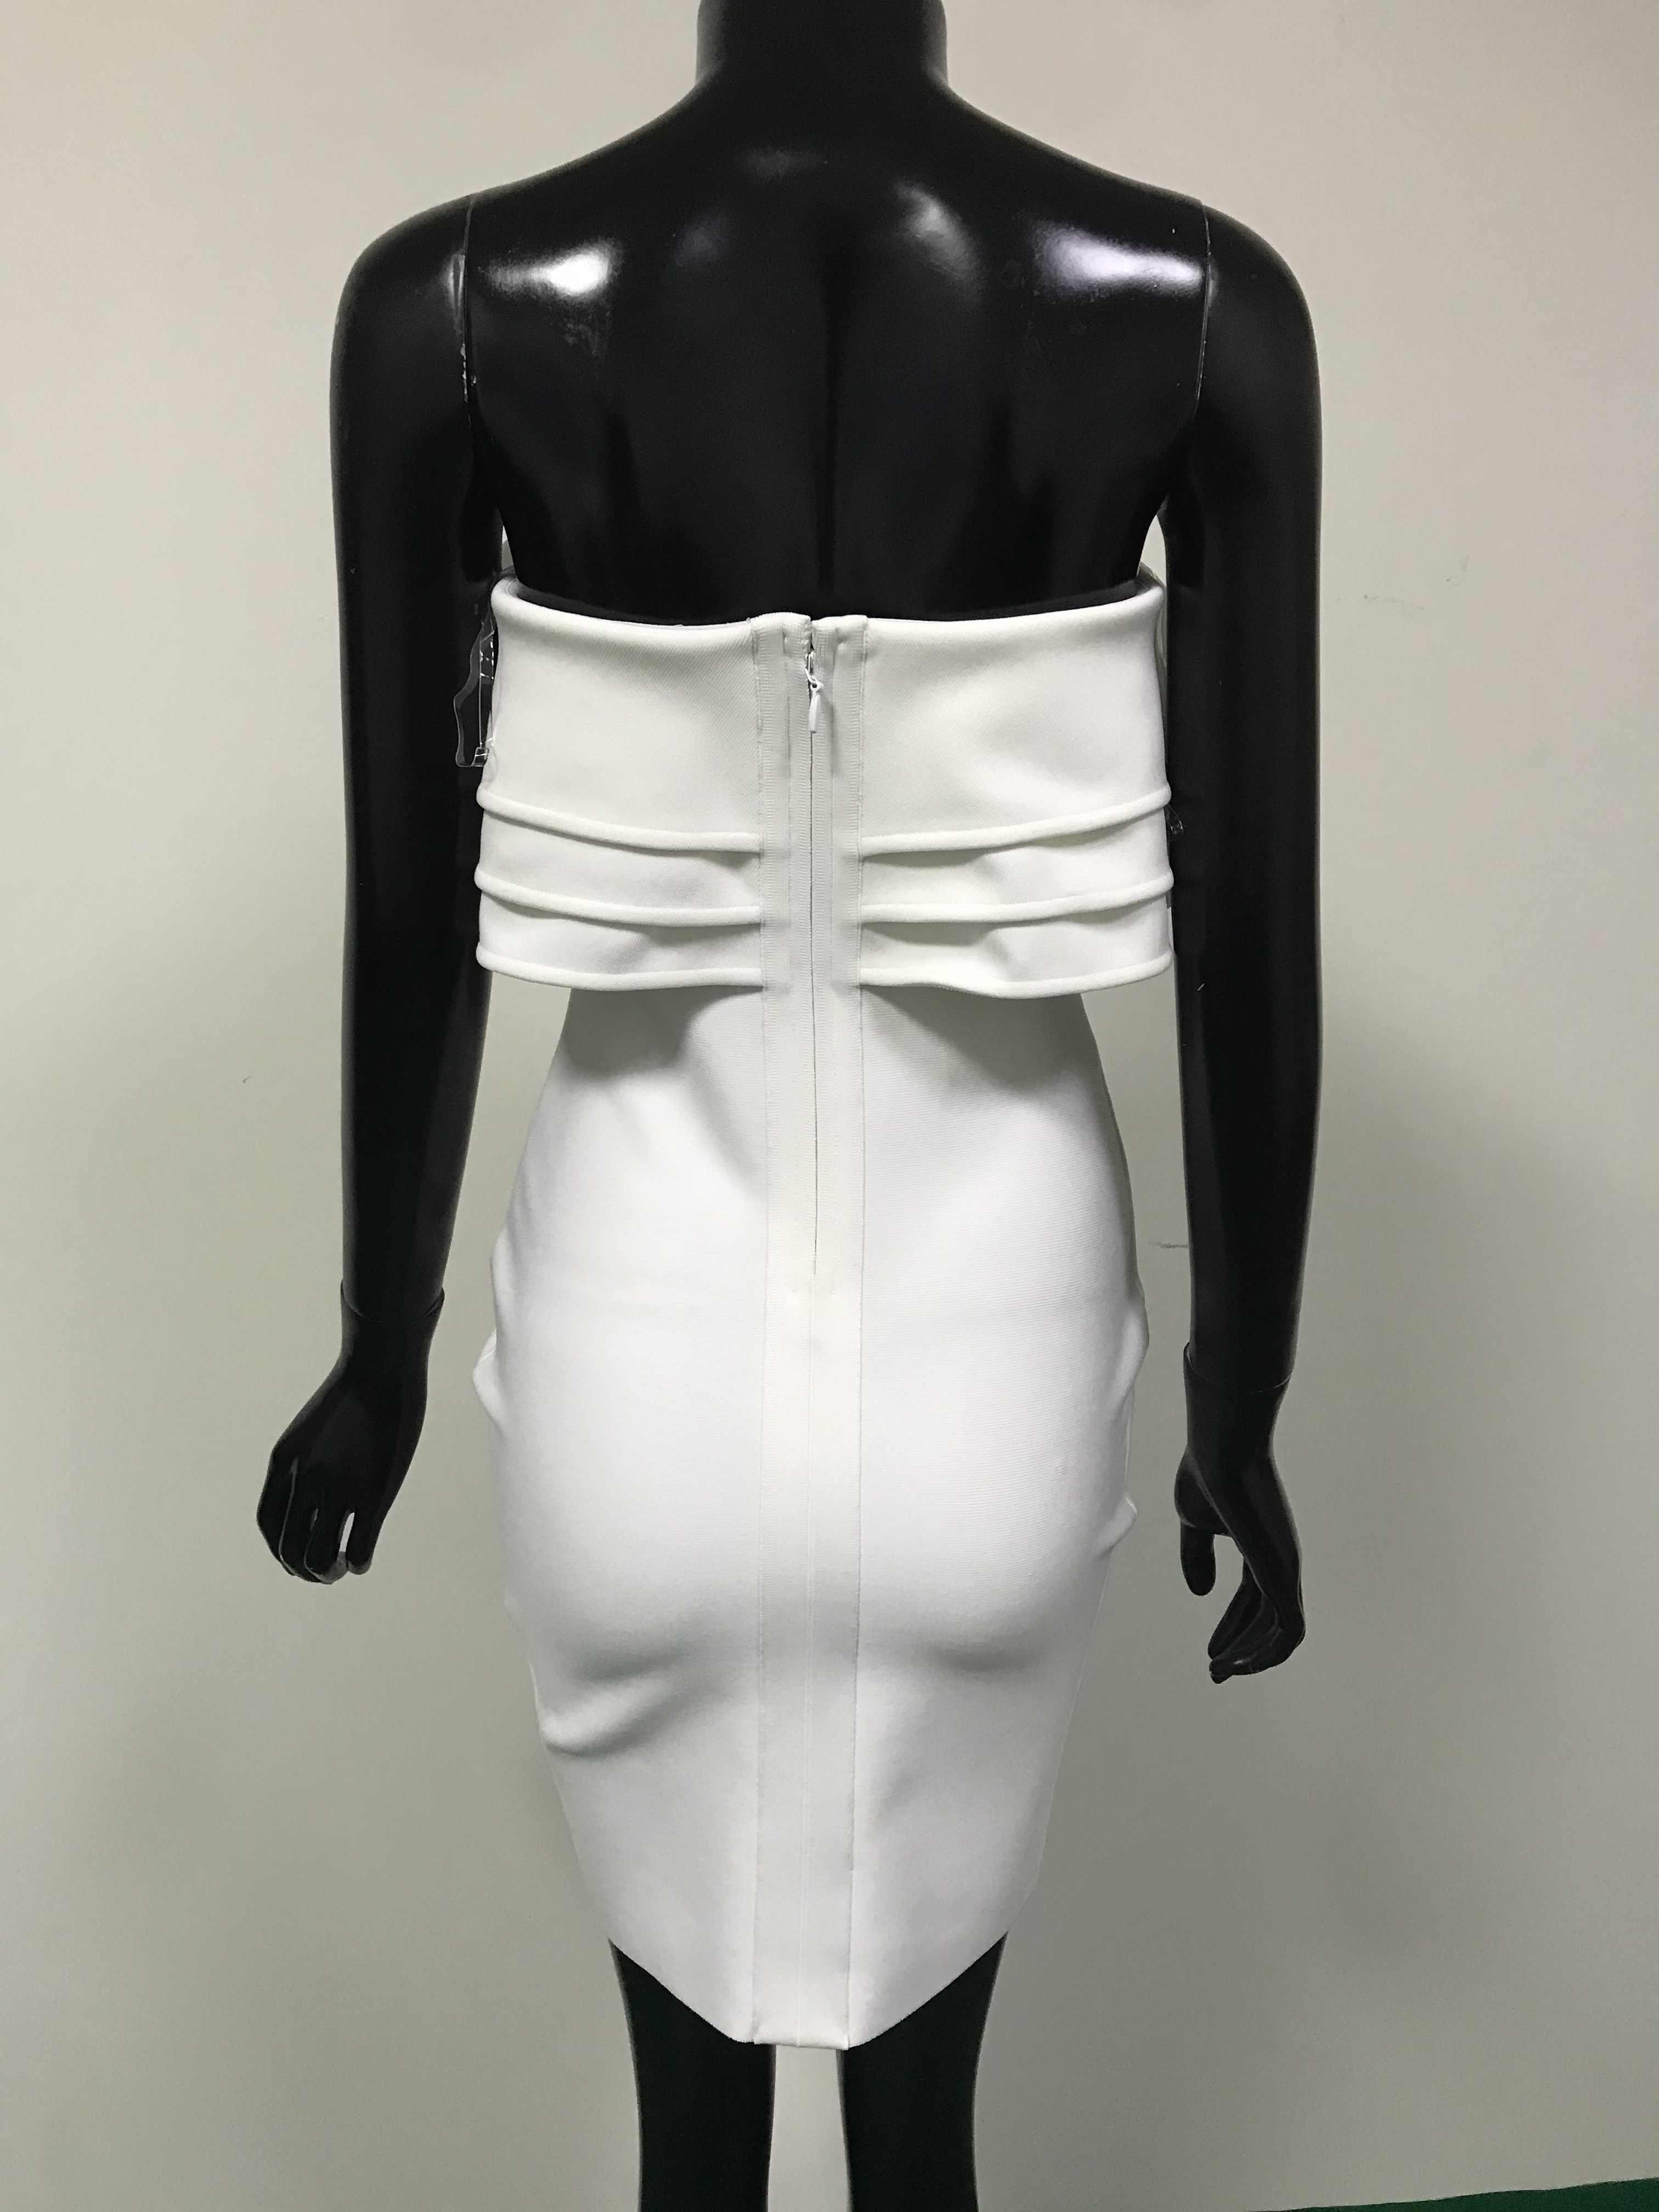 2020 женское модное сексуальное платье без бретелек с оборками, белое Бандажное платье, дизайнерское вечернее мини-платье знаменитостей, вечерние платья Vestido